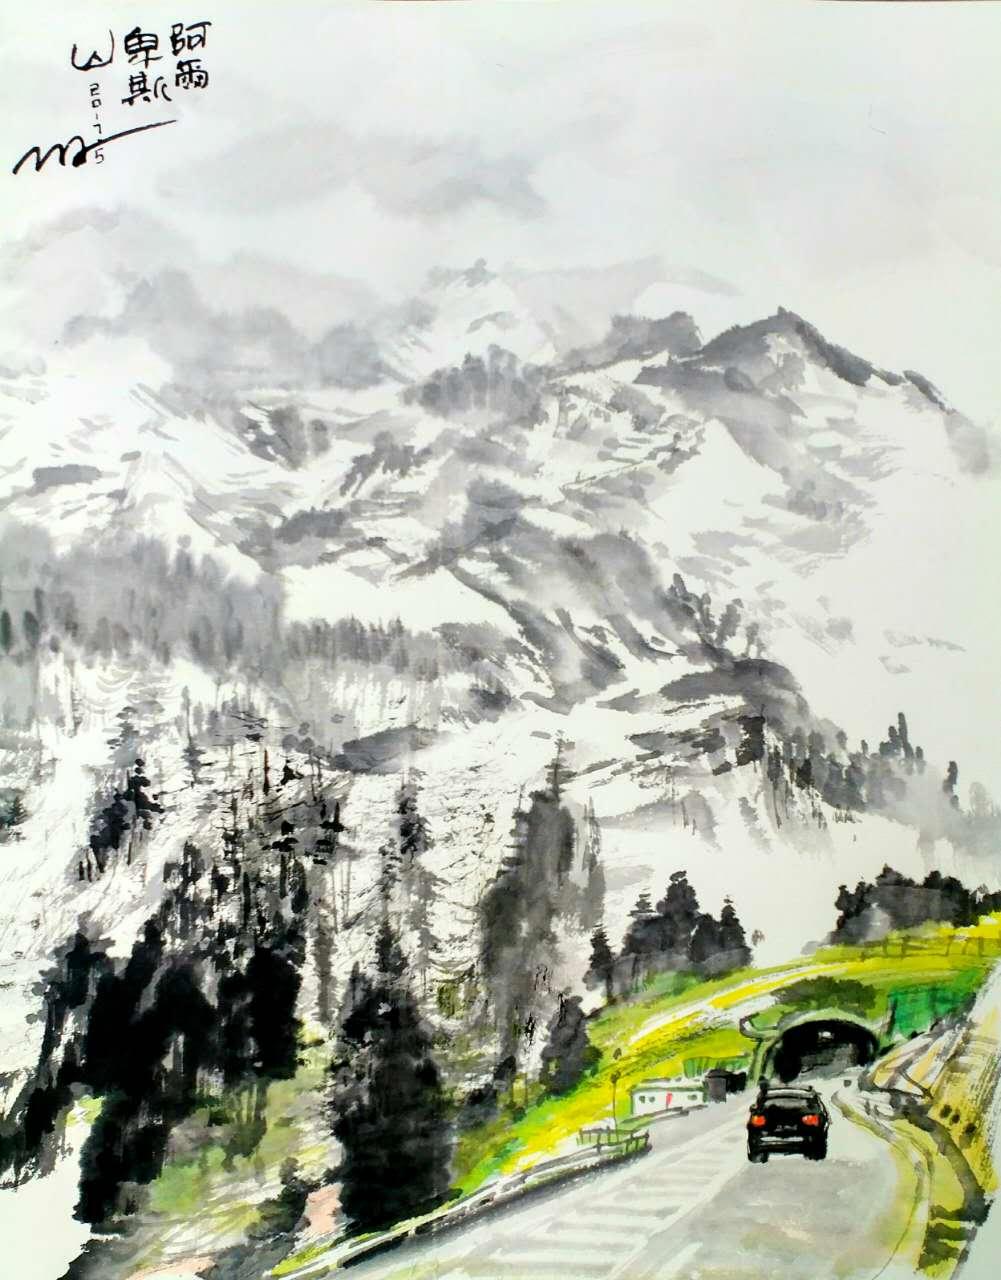 飞驰环球《欧陆景行》2017中欧文化之旅-瓦伦湖站